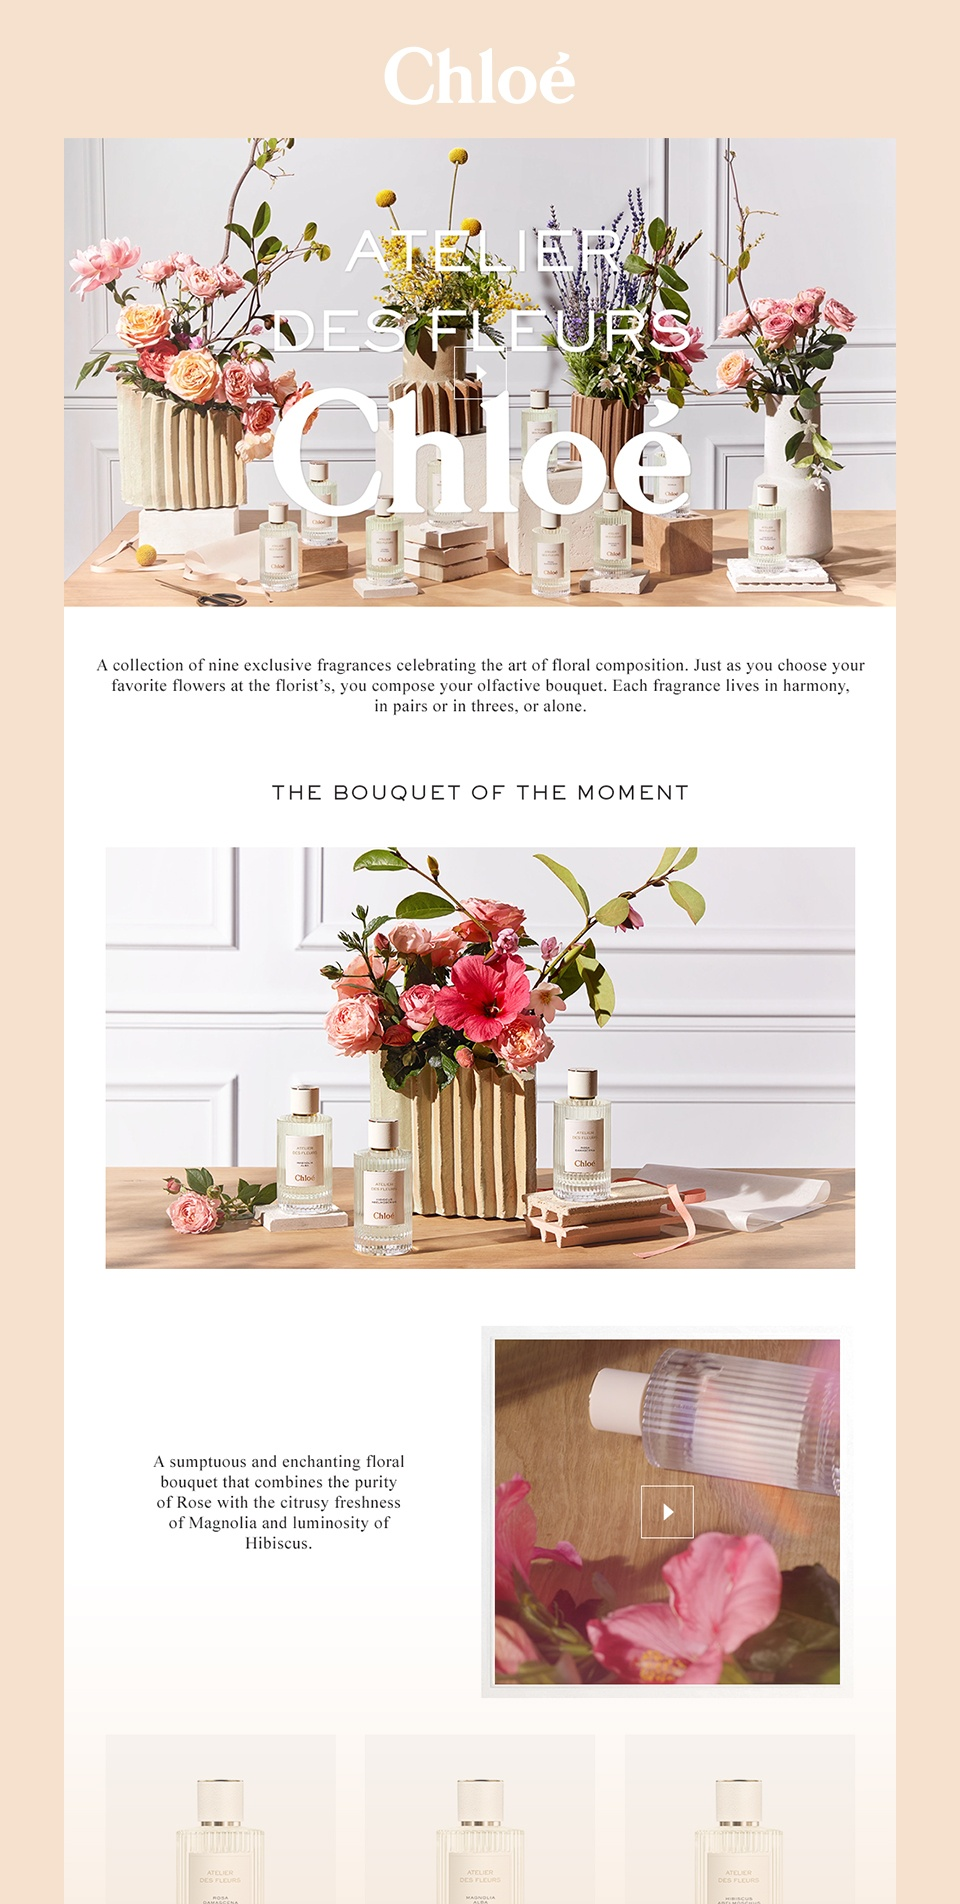 Chloé / Atelier des Fleurs